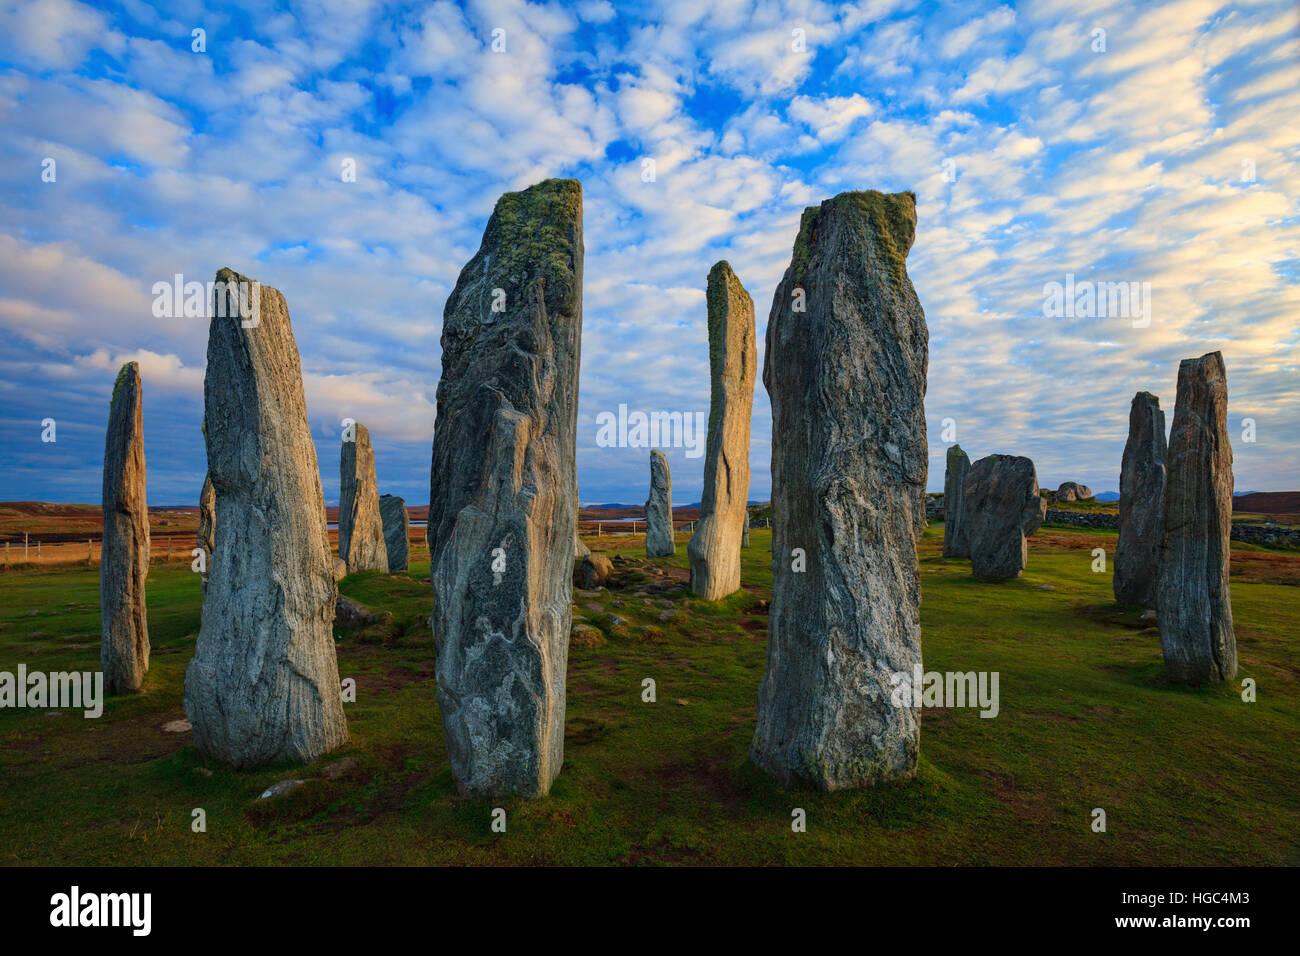 Callanish Calanais (cercles de pierres) sur l'île de Lewis dans les Hébrides extérieures. Photo Stock